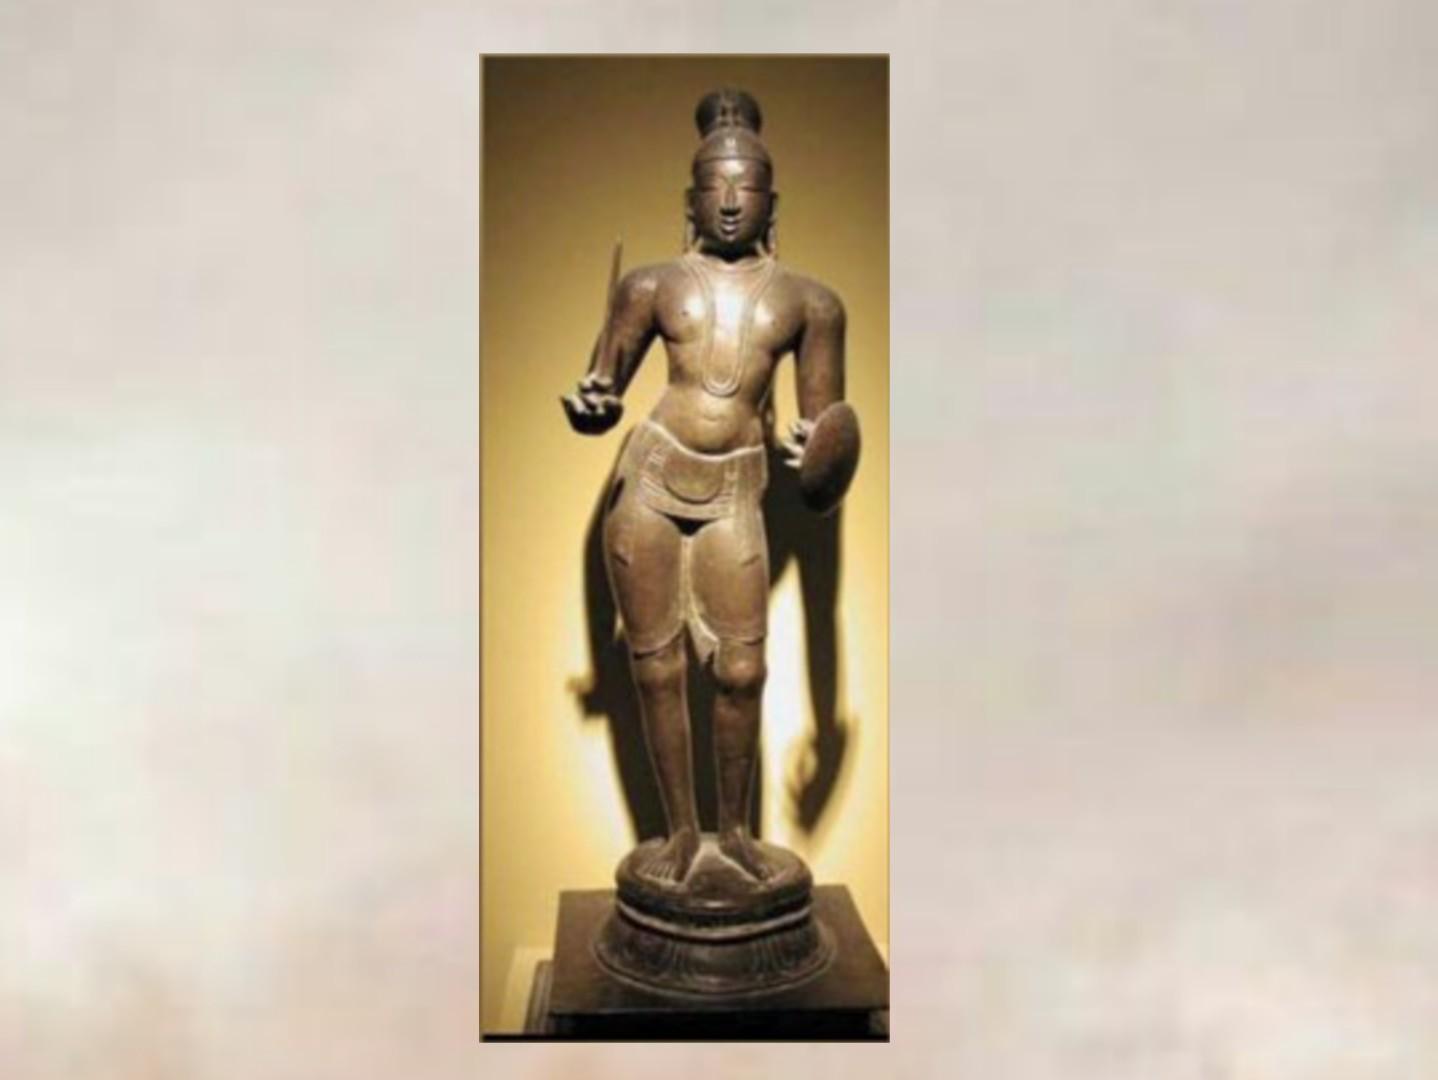 தமிழ்நாட்டில் இருந்து திருடப்பட்ட  திருமங்கை ஆழ்வார் சிலை இங்கிலாந்தில் கண்டுபிடிப்பு..!!